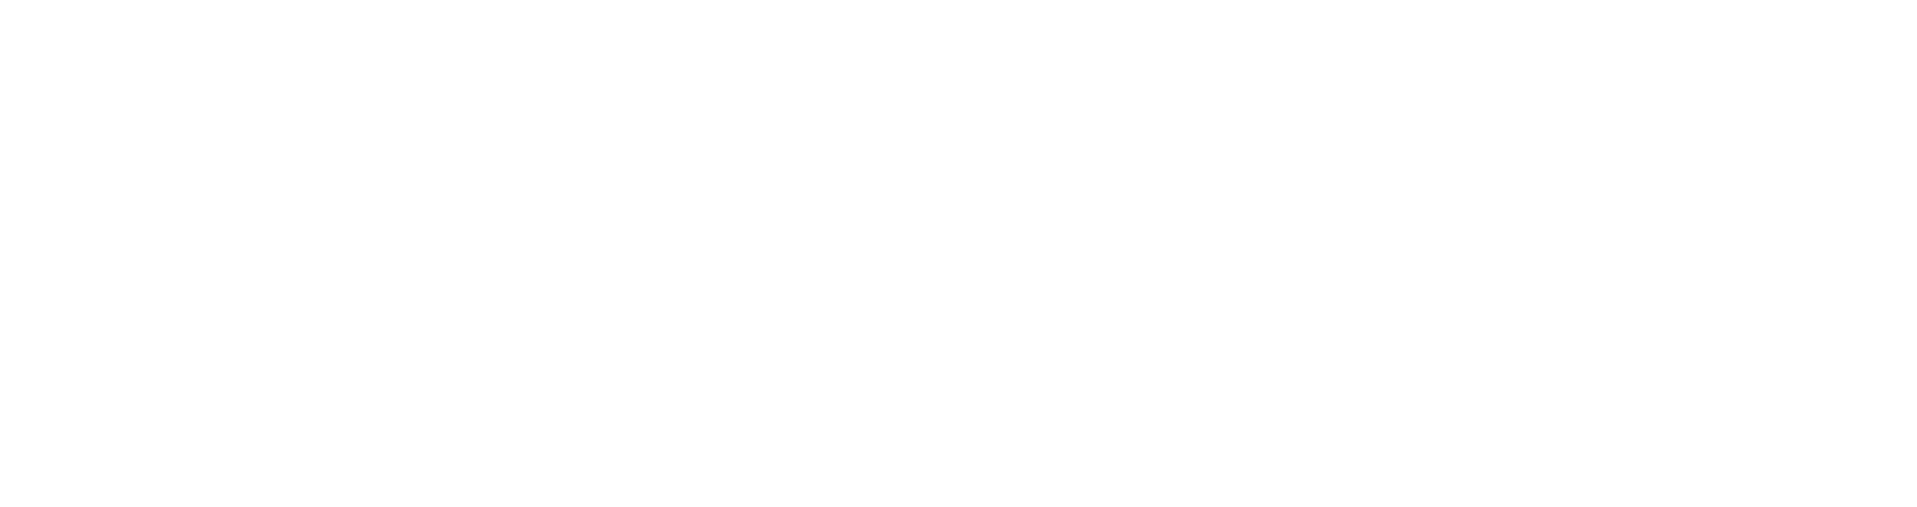 Måsøval